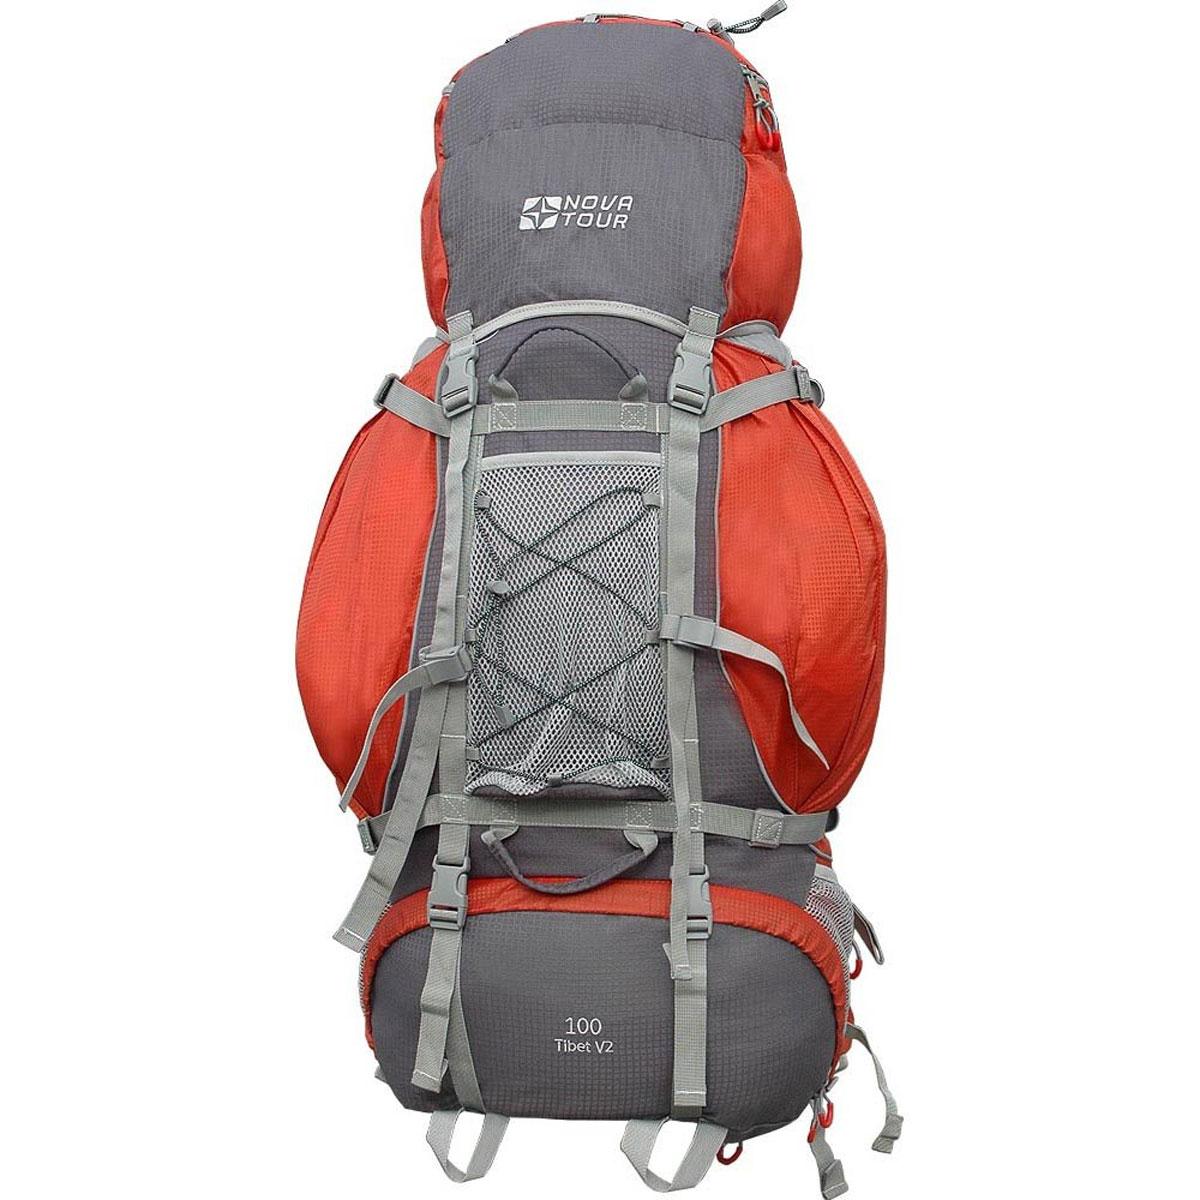 Рюкзак туристический Nova Tour Тибет 100 V2, цвет: серый, терракотовый. 11193-258-0011193-258-00Прочный рюкзак большого объема для классического туризма. Вы можете не ограничивать себя в количестве вещей, ведь этот рюкзак с двумя вместительными карманами на молнии, сетчатыми карманами для фляги и мелочей по обеим бокам рюкзака, а также объемным клапаном. Ваша спина не устанет во время длительных переходов с удобной подвесной системой, разработанной специально для переноски тяжелых грузов. Удобство при погрузке рюкзака в транспорт обеспечивают три усиленных ручки. Если в пути застанет дождь или снег не беда! В специальном кармане на дне рюкзака упакован непромокаемый гермочехол. На концах боковых стяжек имеются липучки для закрепления излишков стропы. Особенности: Прочная ткань с непромокаемой пропиткой. Сетчатый материал, отводящий влагу от вашего тела. Применяется на лямках, спинках и поясе рюкзака. Светоотражающий кант - для обеспечения безопасности в темное время суток. Съемный чехол для защиты от влаги и грязи, размещенный в...